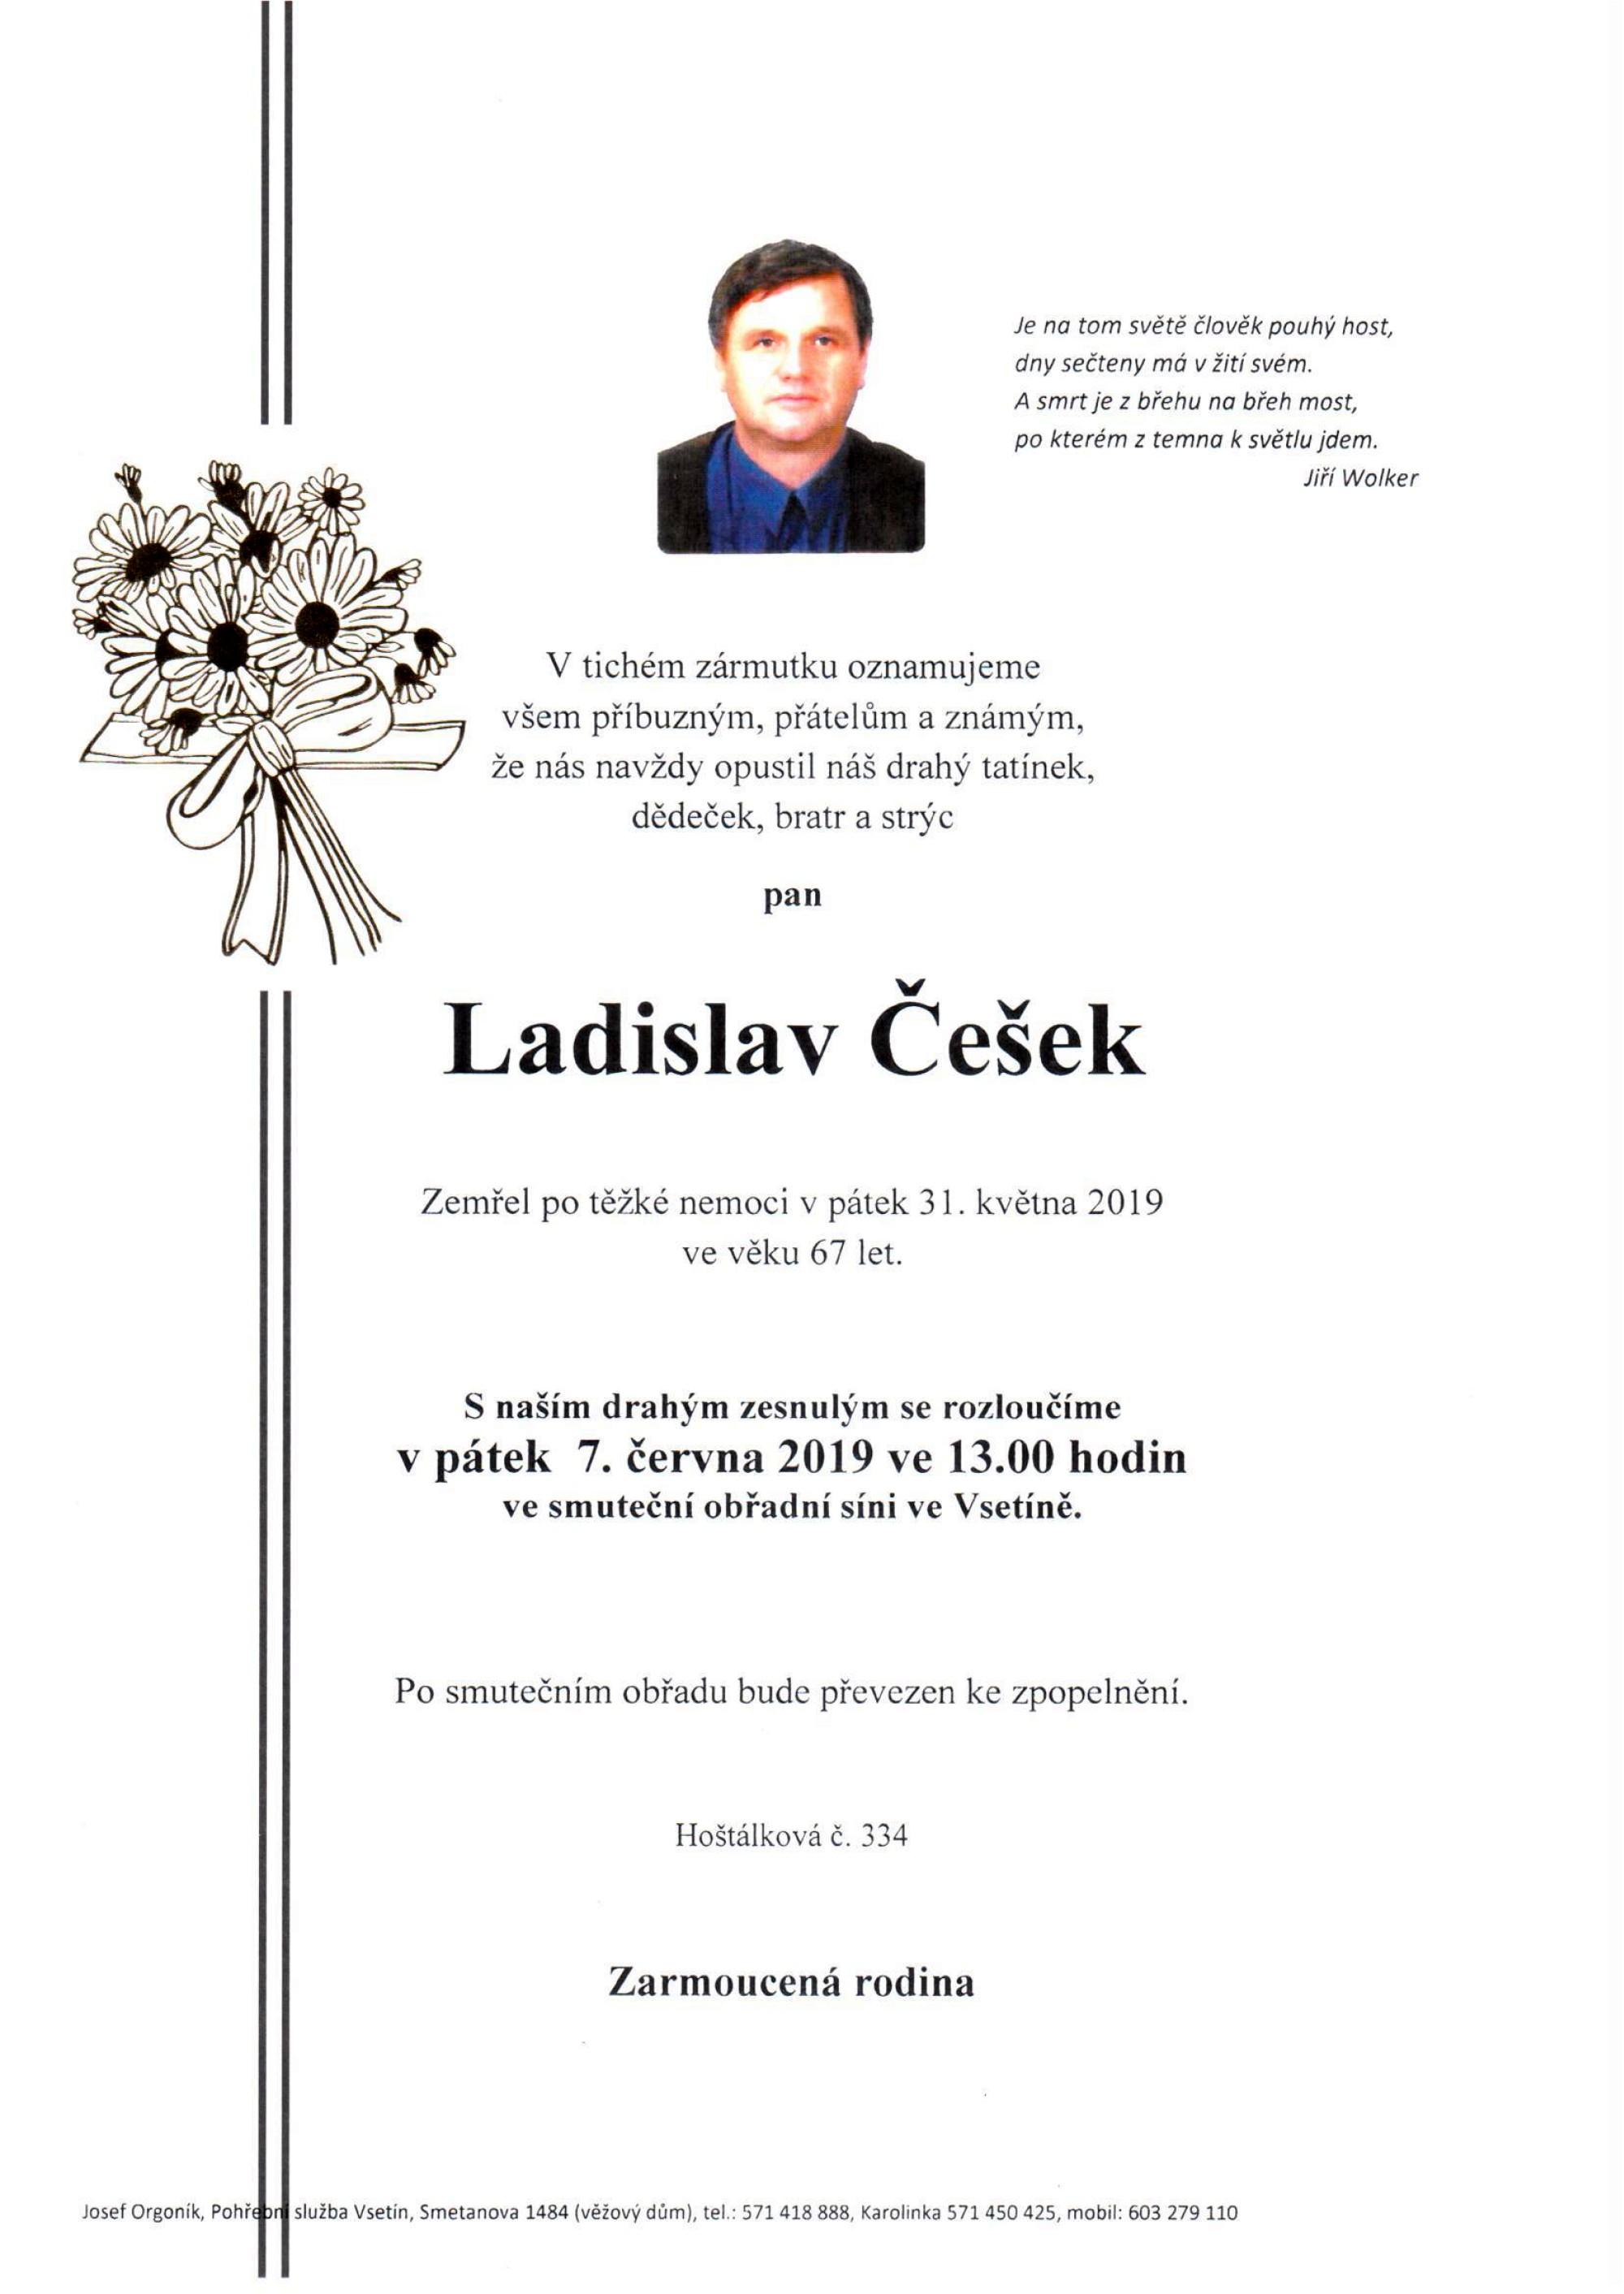 Ladislav Češek